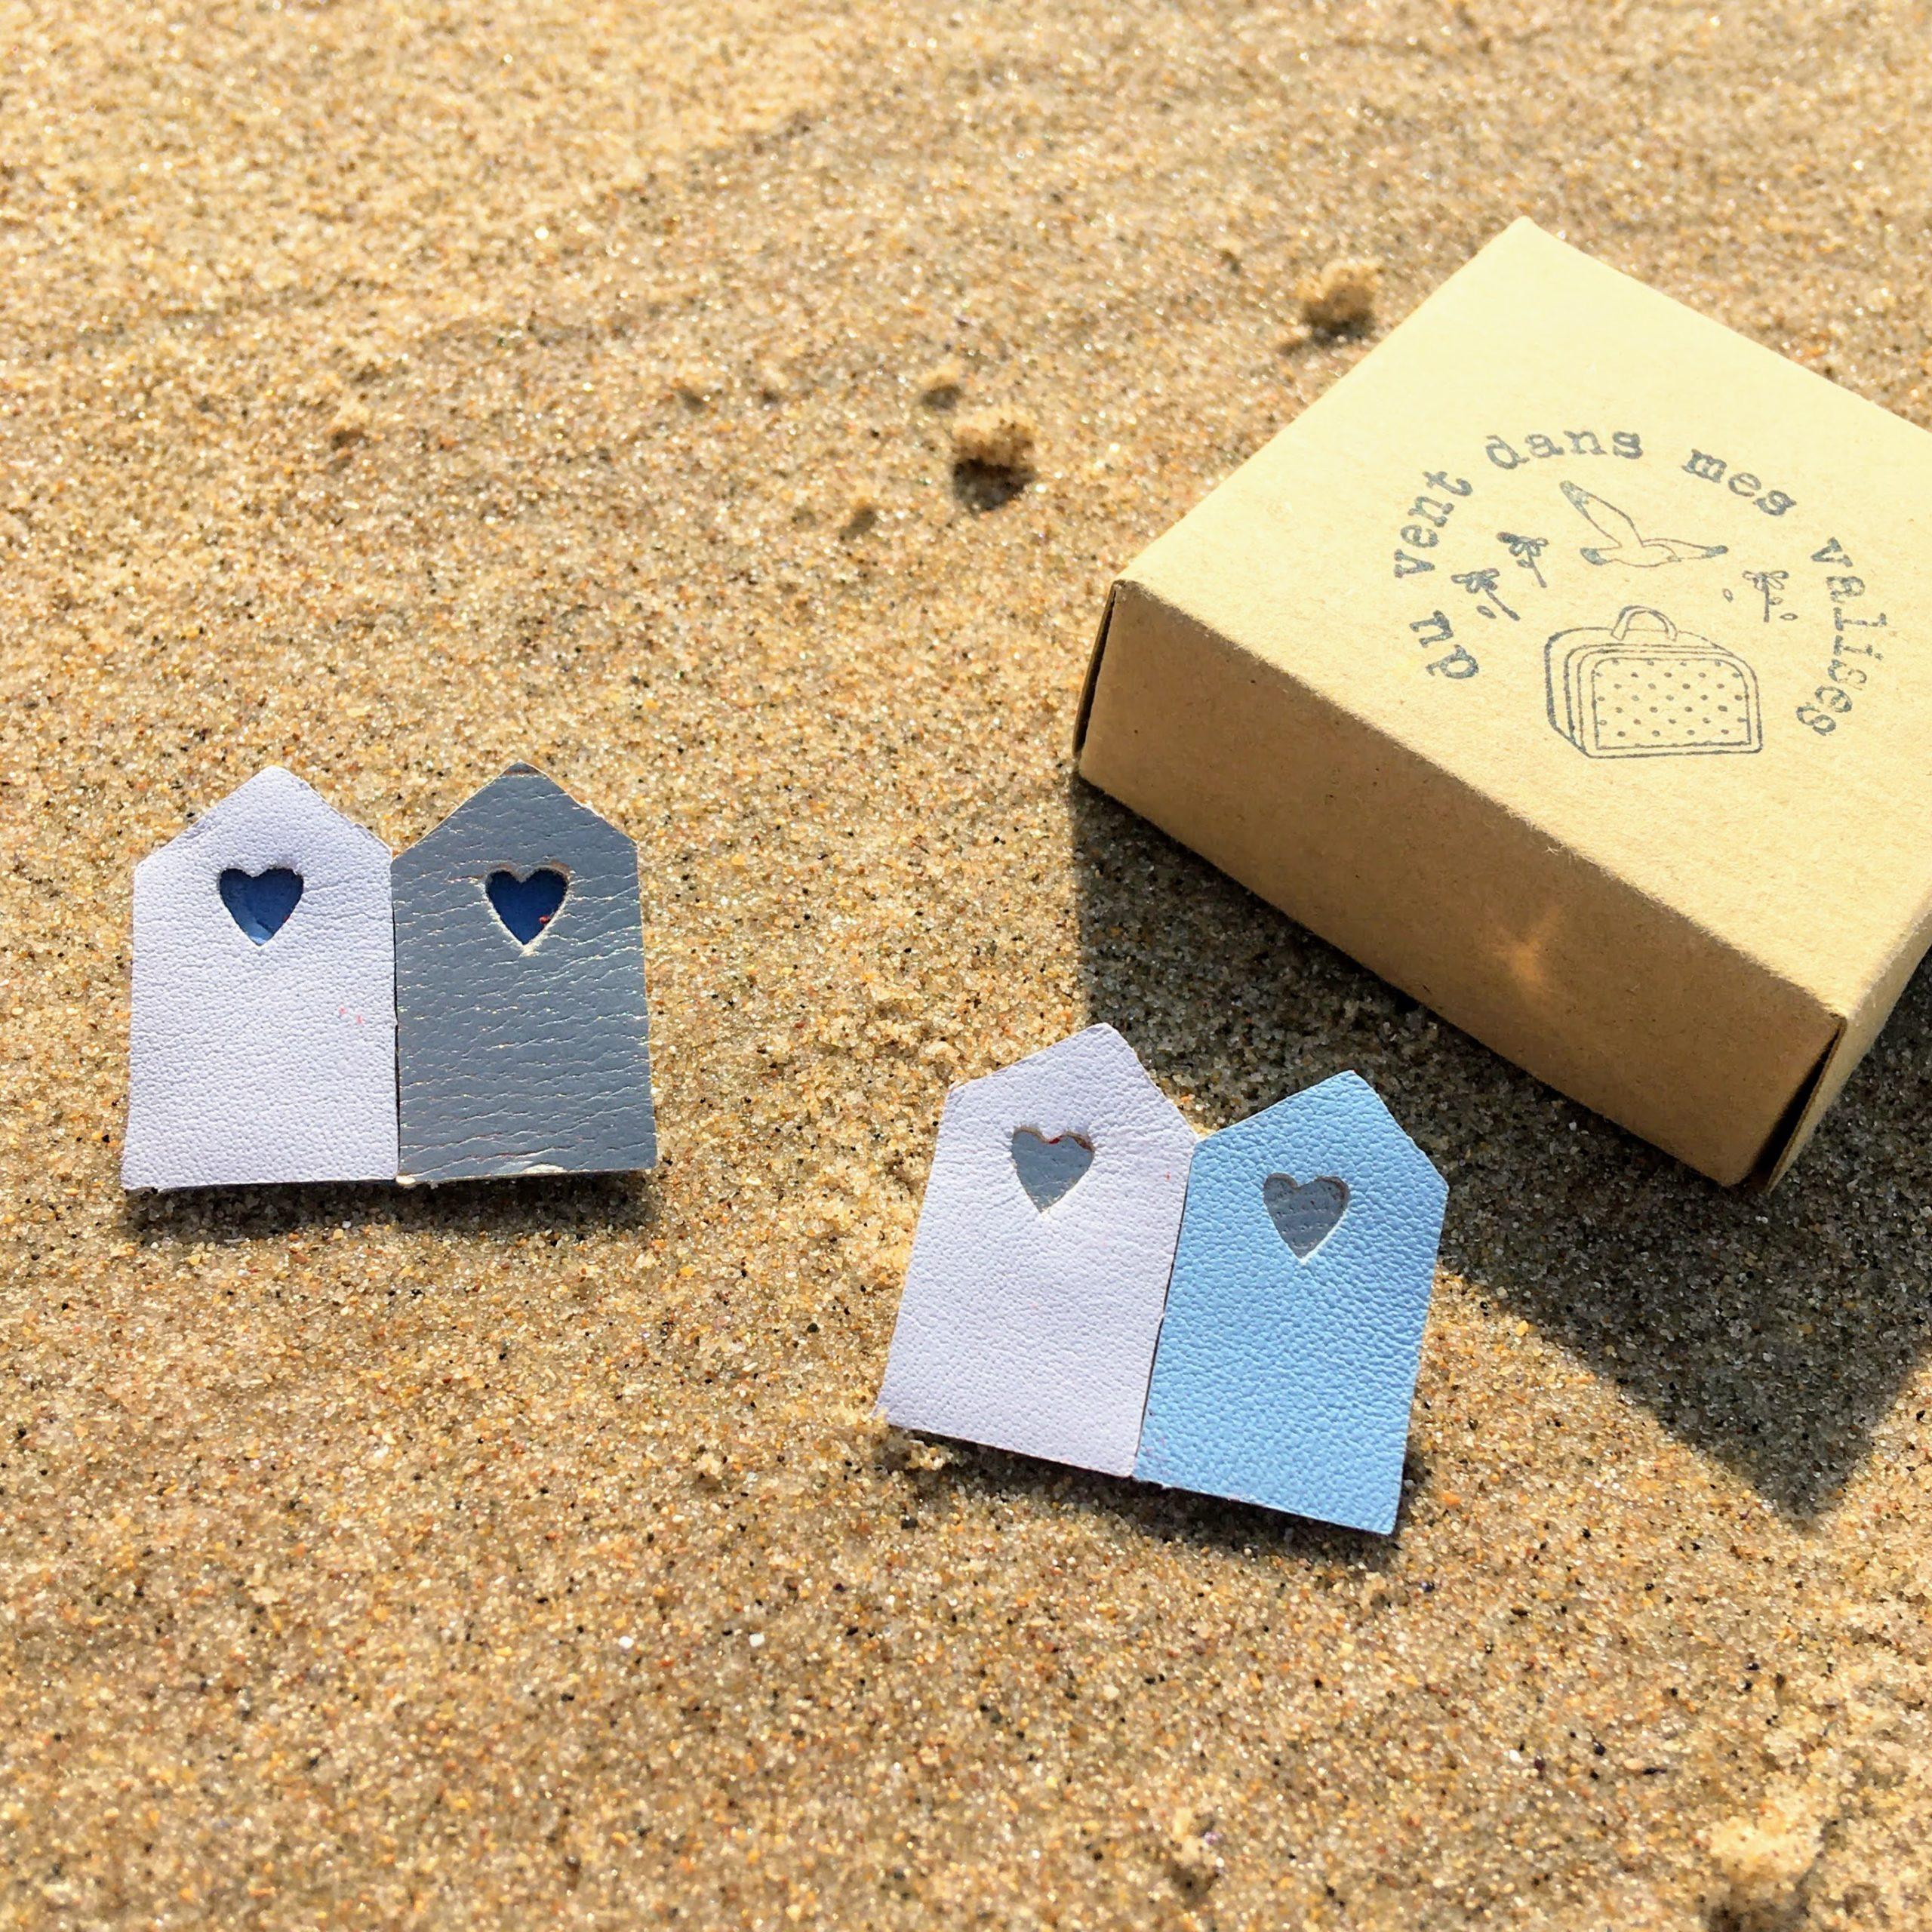 broche en cuir poétique les cabines de plage - du vent dans mes valises 3